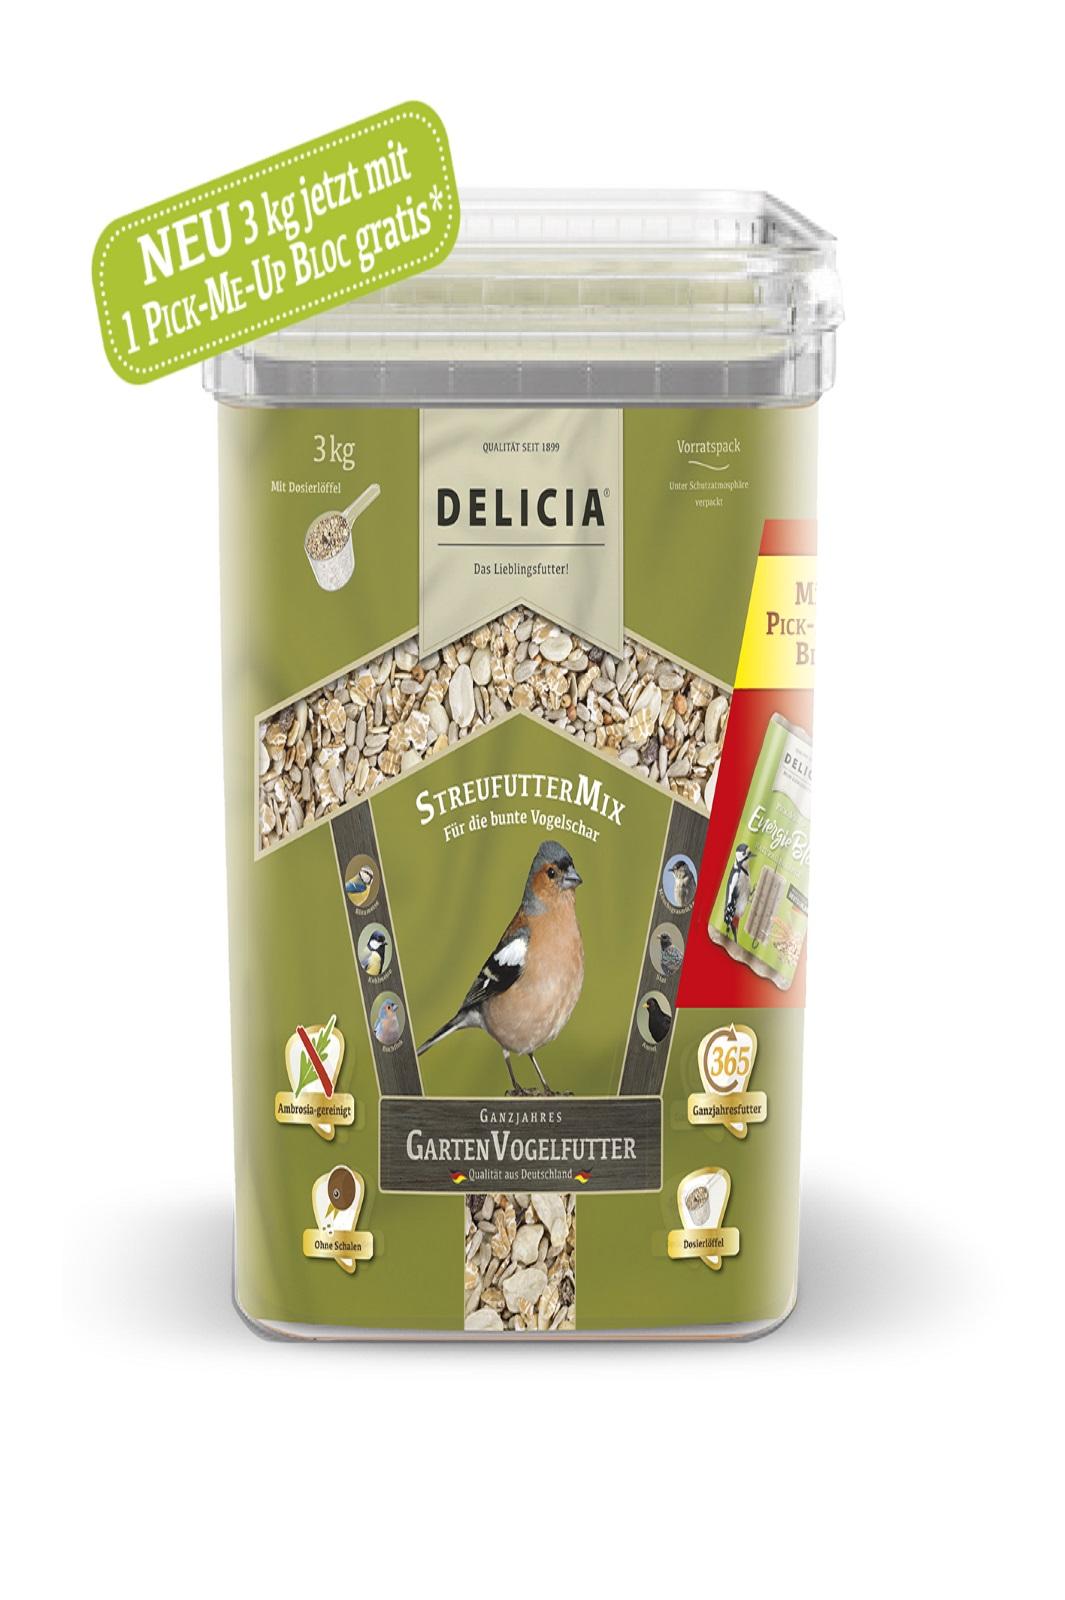 Delicia 3 kg Vogelfutter Streufuttermix Gartenvögel  Ganzjahresfutter